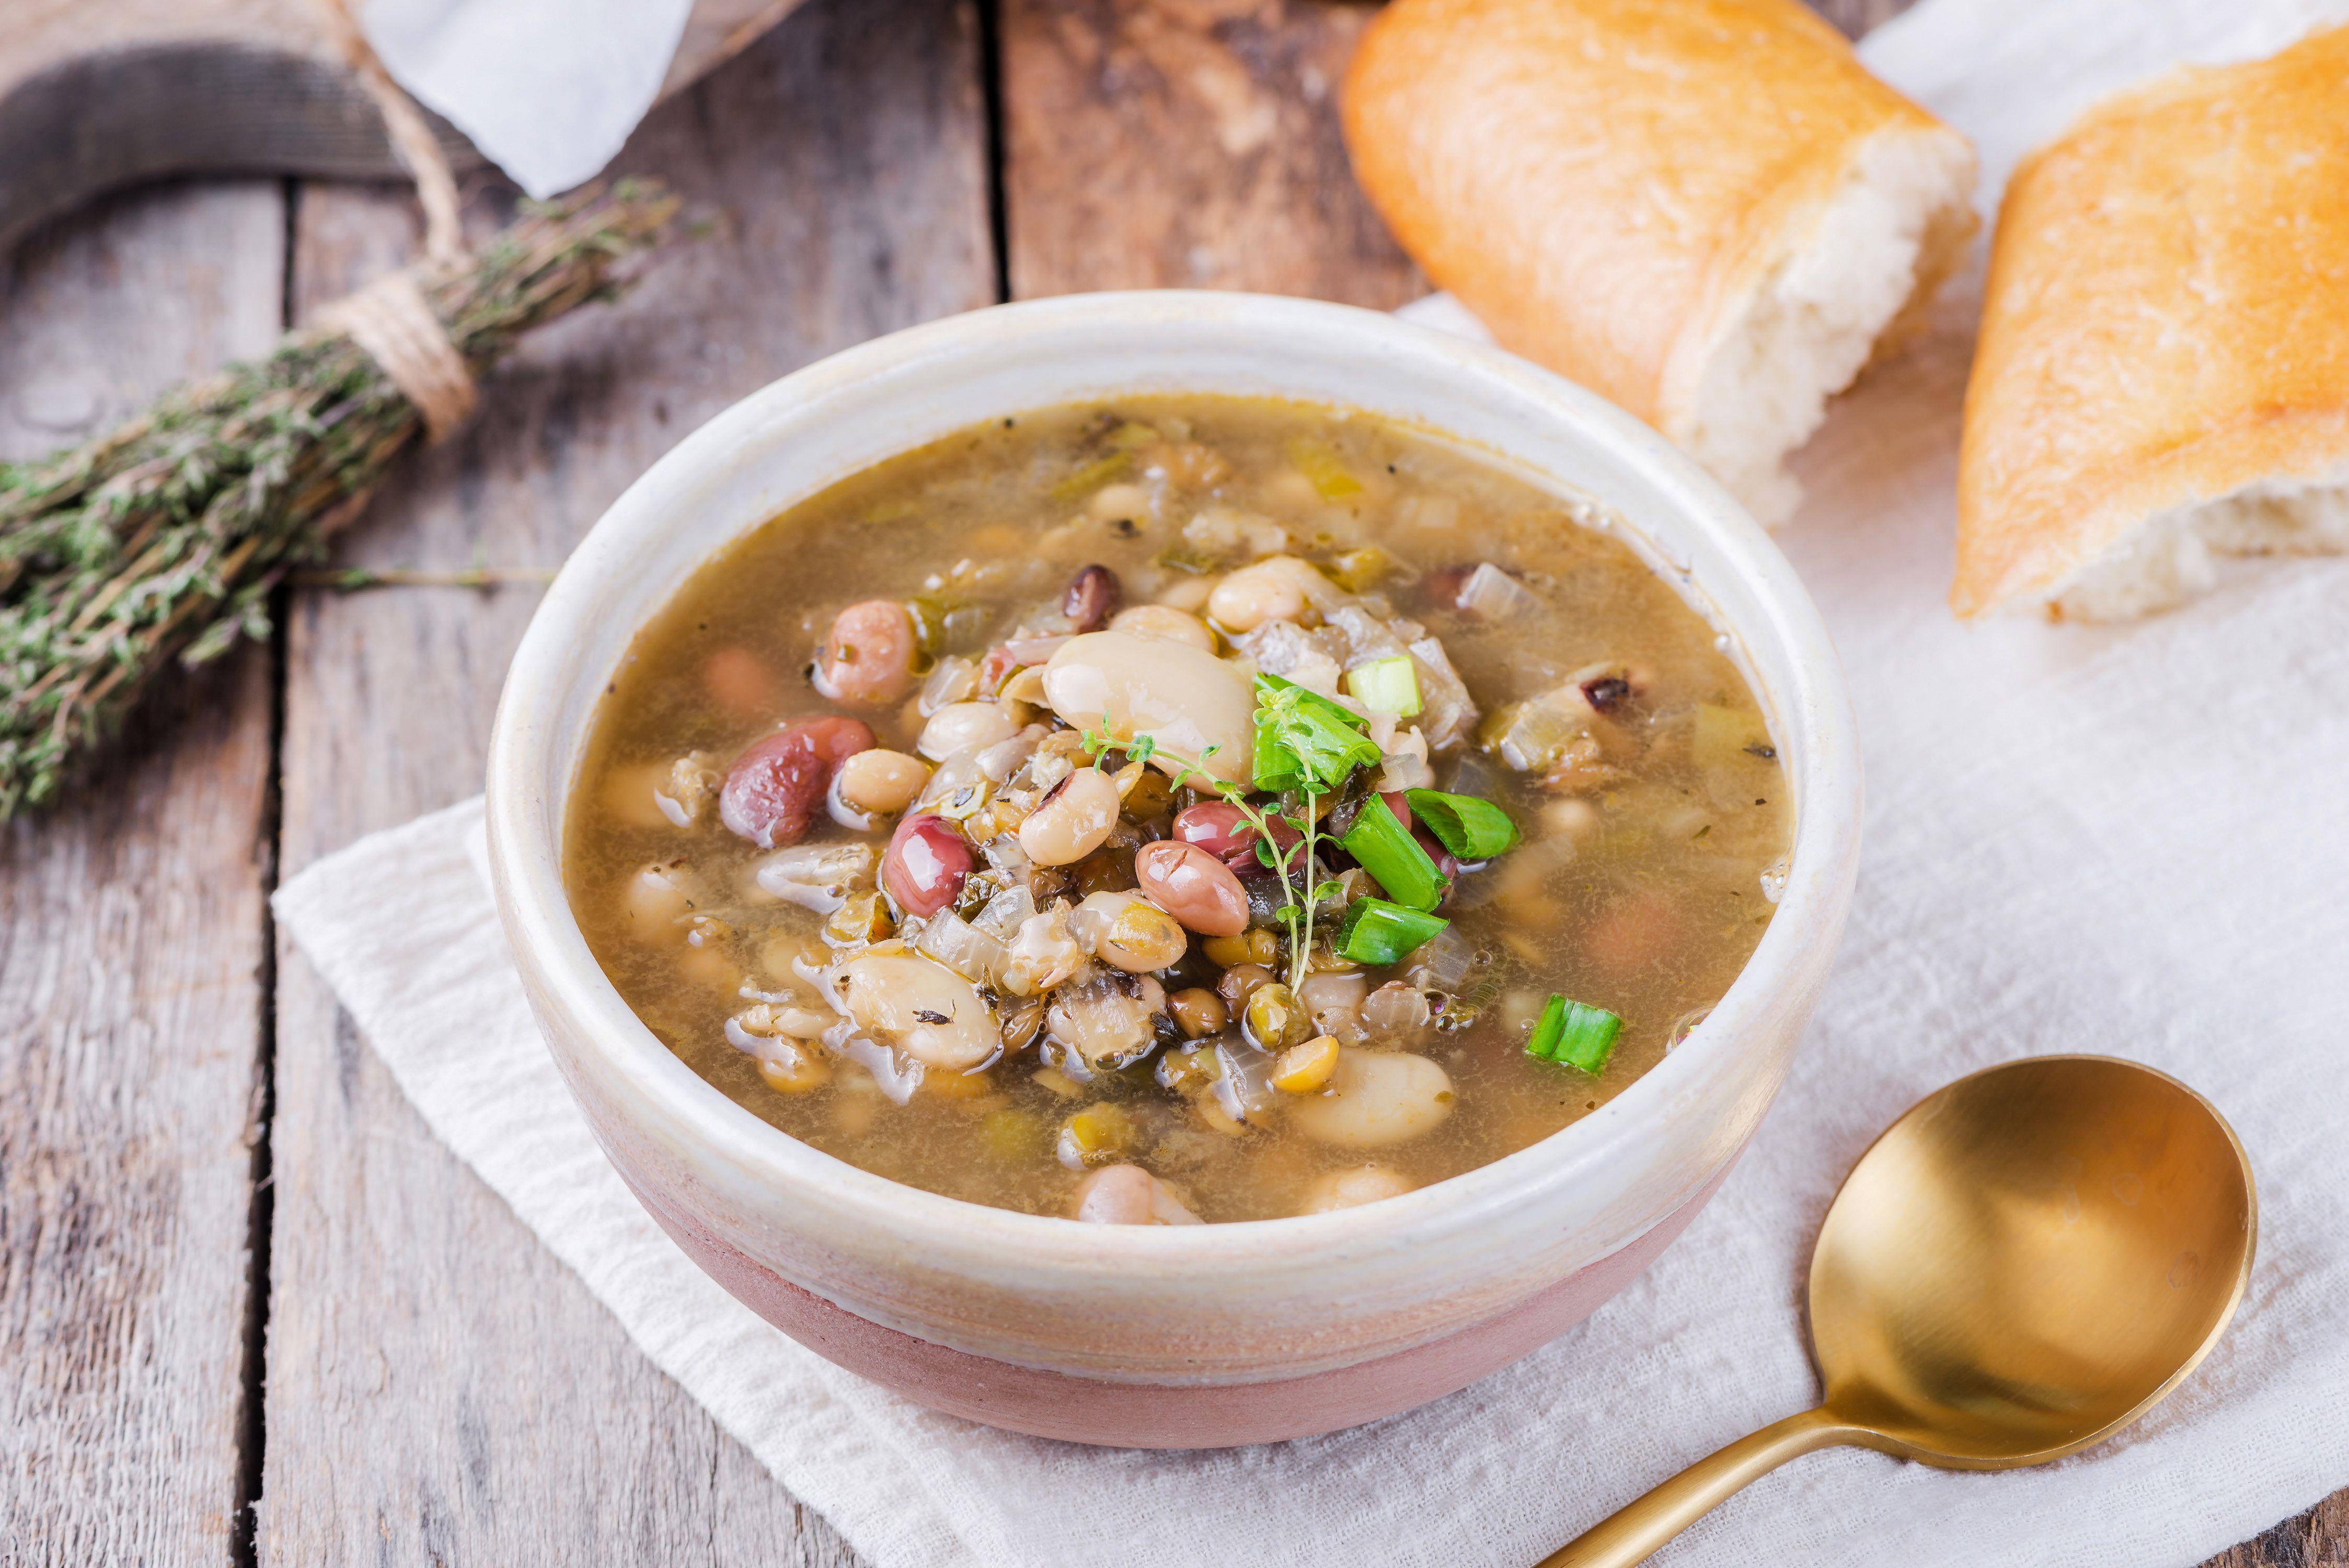 Janetta's vegetarian bean soup